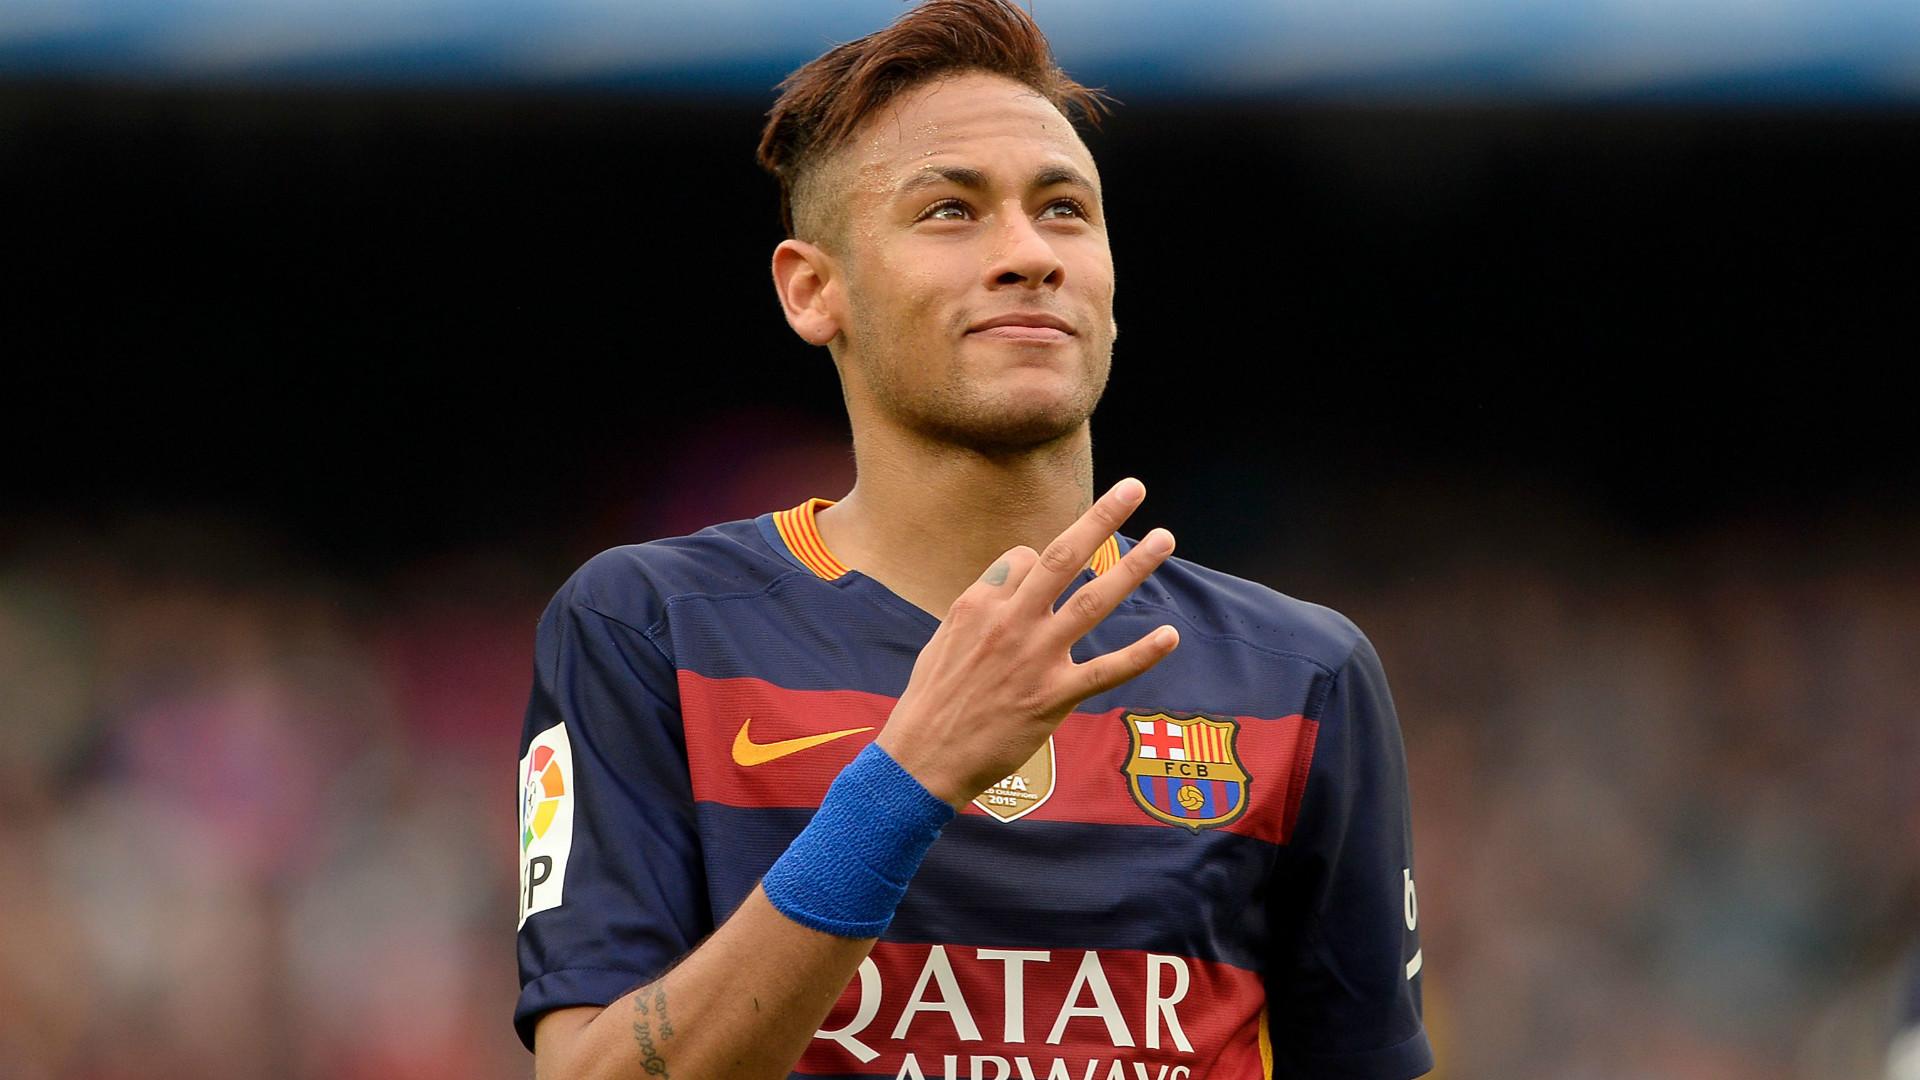 FC Barcelona Neymar Hd Wallpapers 1080p. Neymar 4K